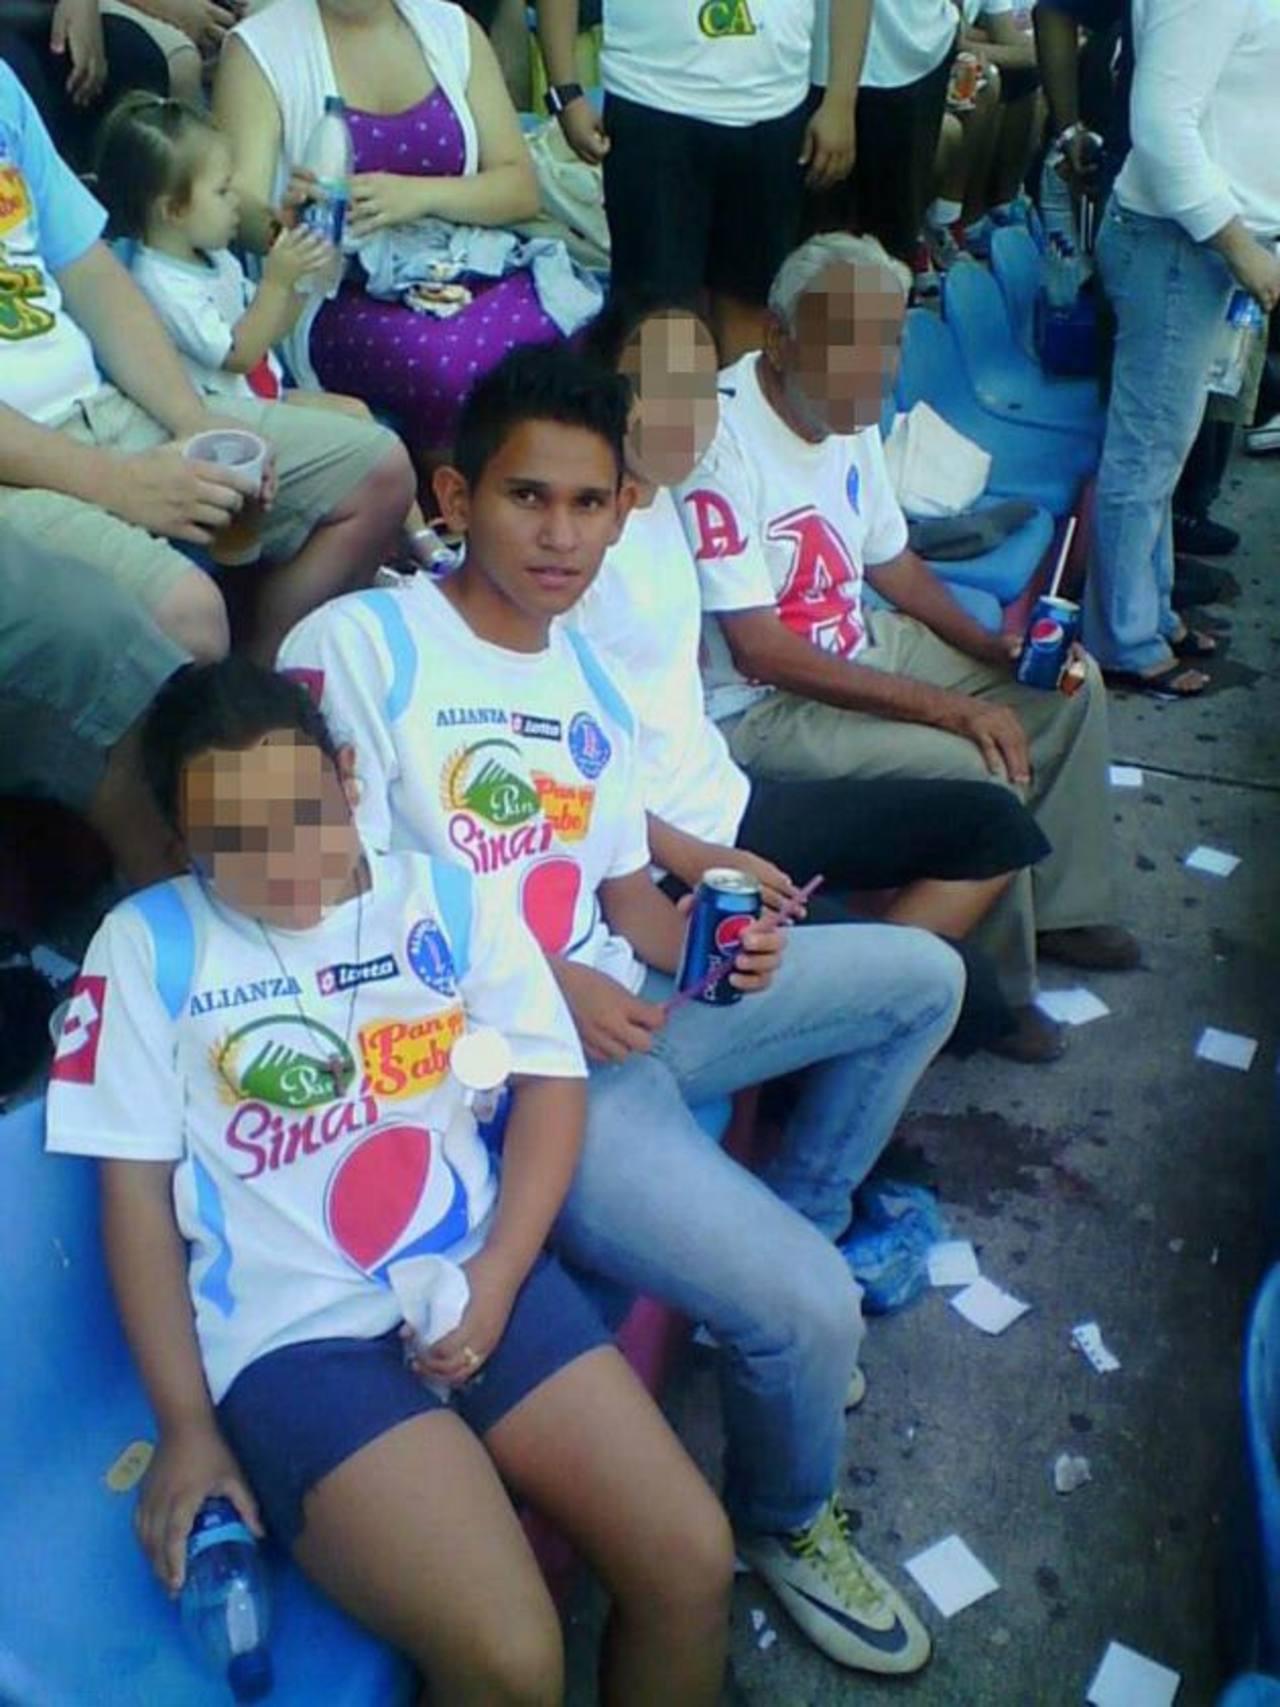 José Alfaro cumplió 15 años en abril pasado, según su padre.